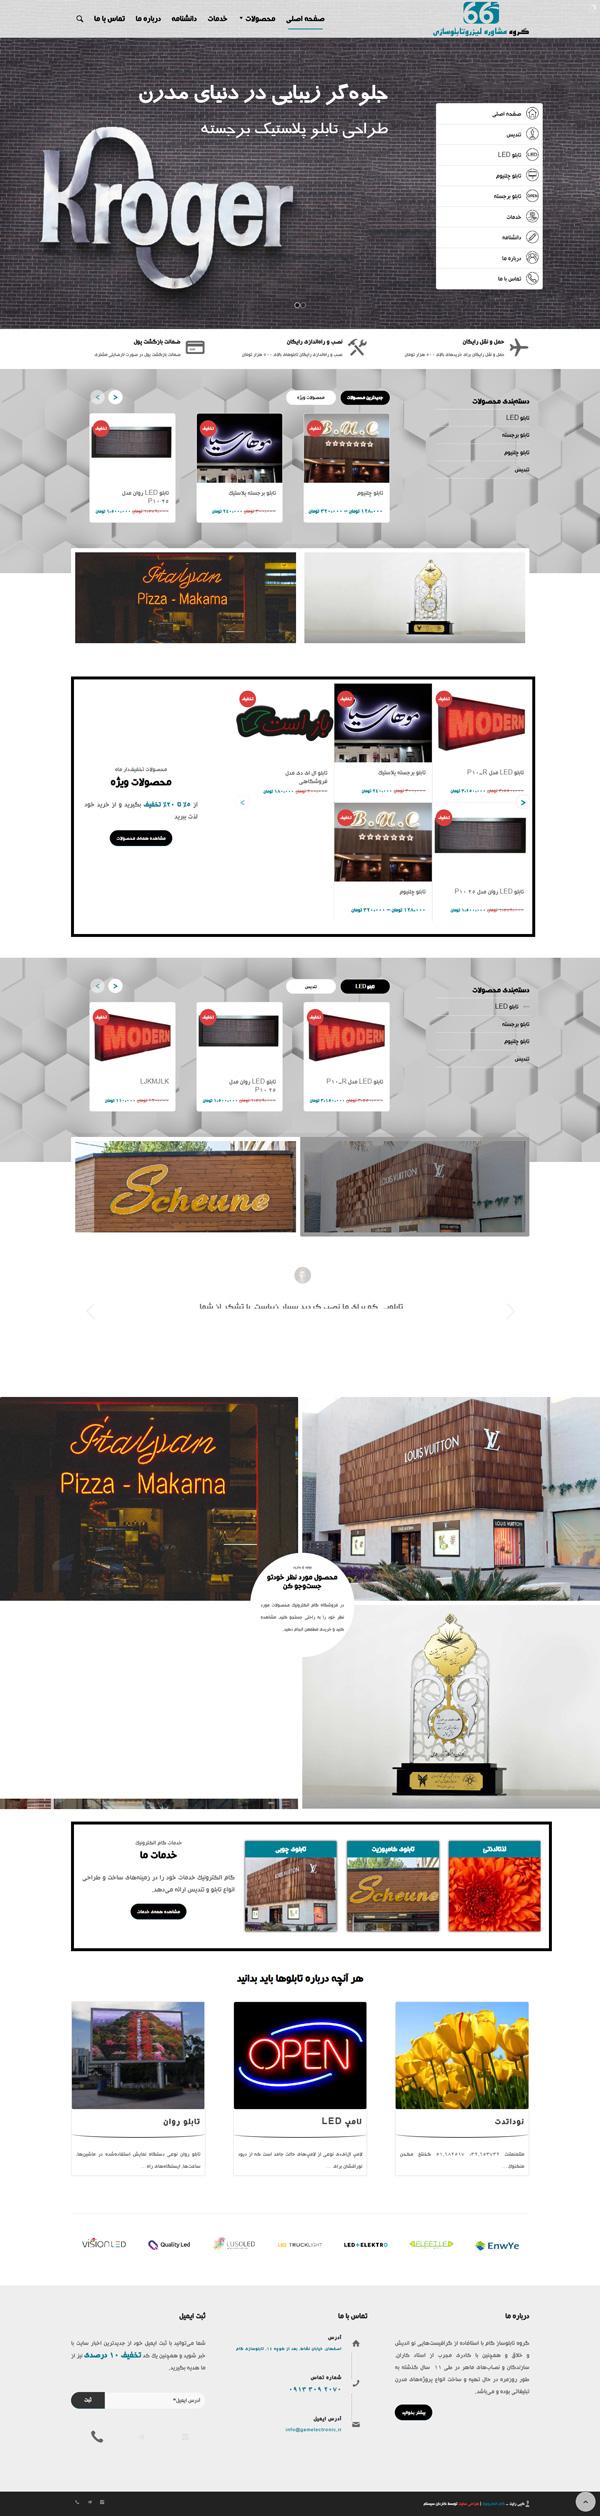 طراحی سایت گام الکترونیک (تابلو سازی گام)   تابلو سازی چلنیوم و ال ای دی